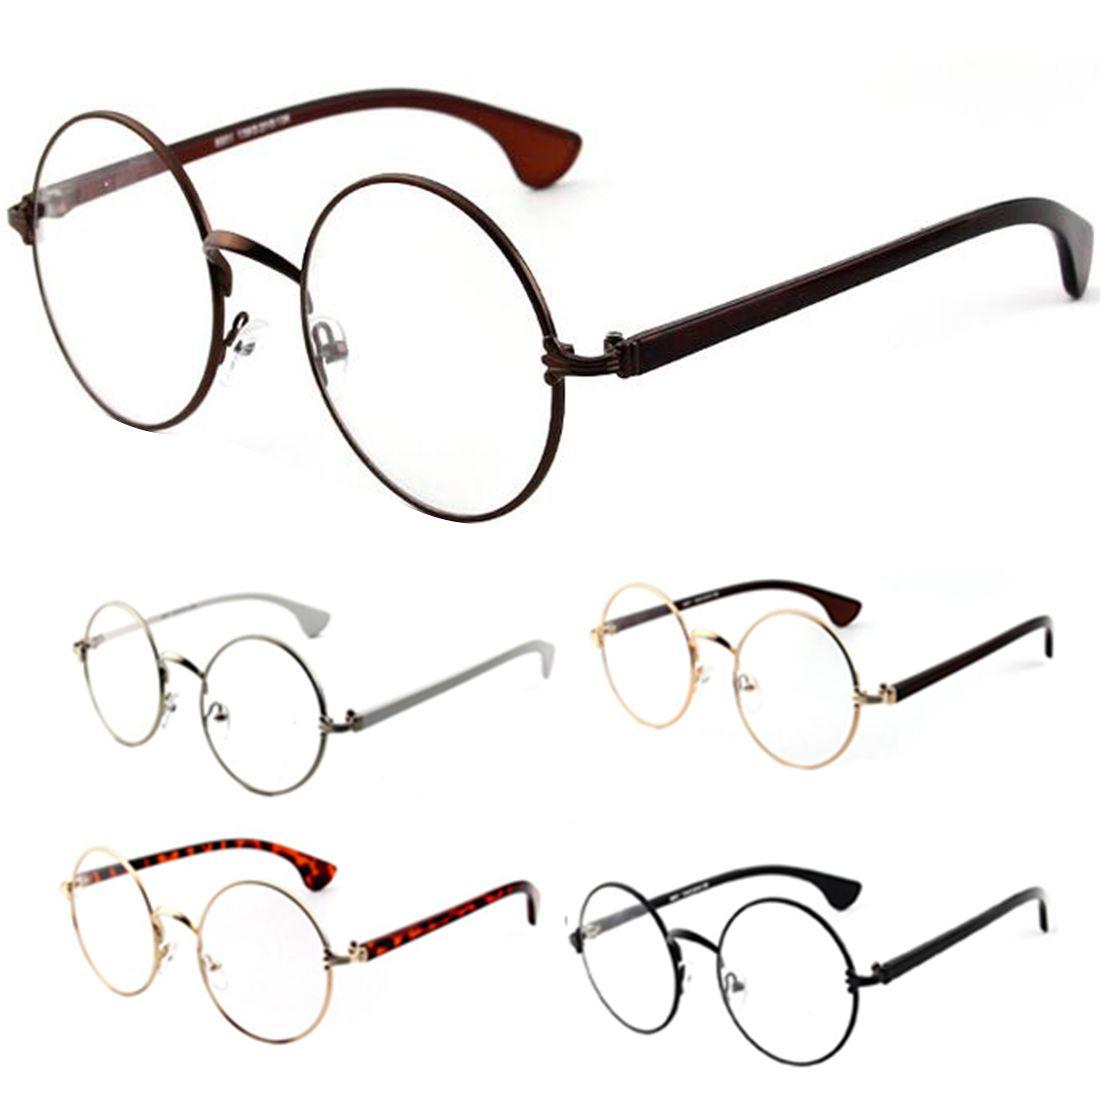 b822e31600452 Compre Atacado Moda Redonda Lente Clara Óculos Óculos Óculos Armação De  Metal Para Mulheres Homens Molduras Ópticas De Naixing,  25.42    Pt.Dhgate.Com